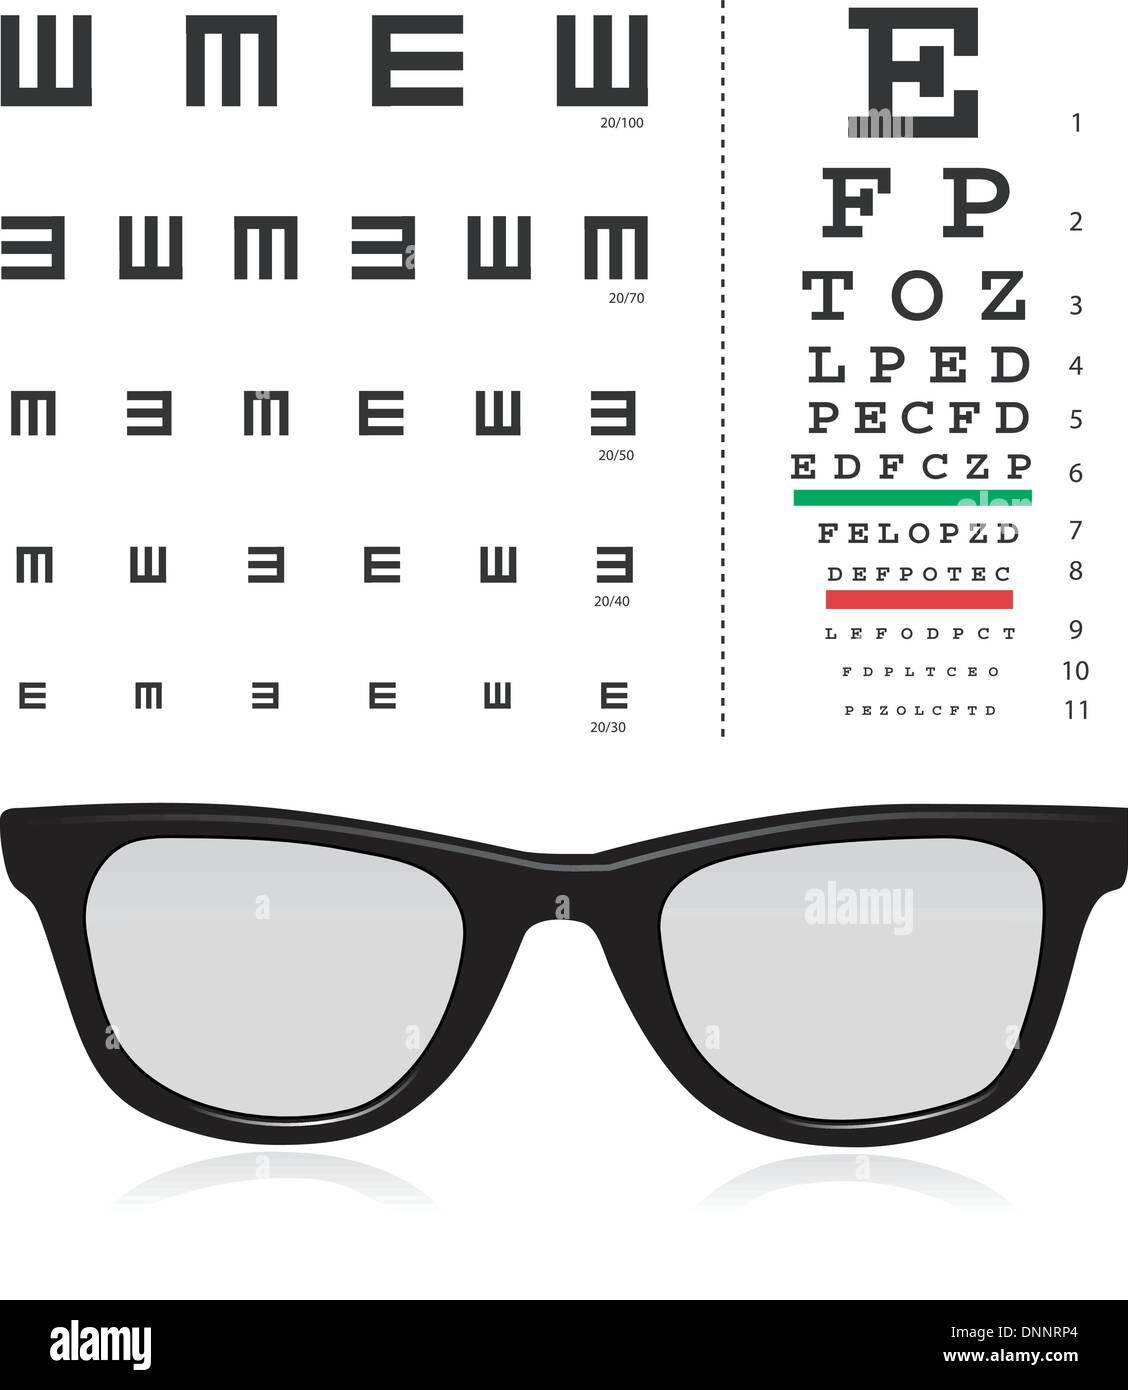 Vektor-Snellen-Auge-Test-Chart mit Glas isoliert auf weißem Hintergrund. Stockbild